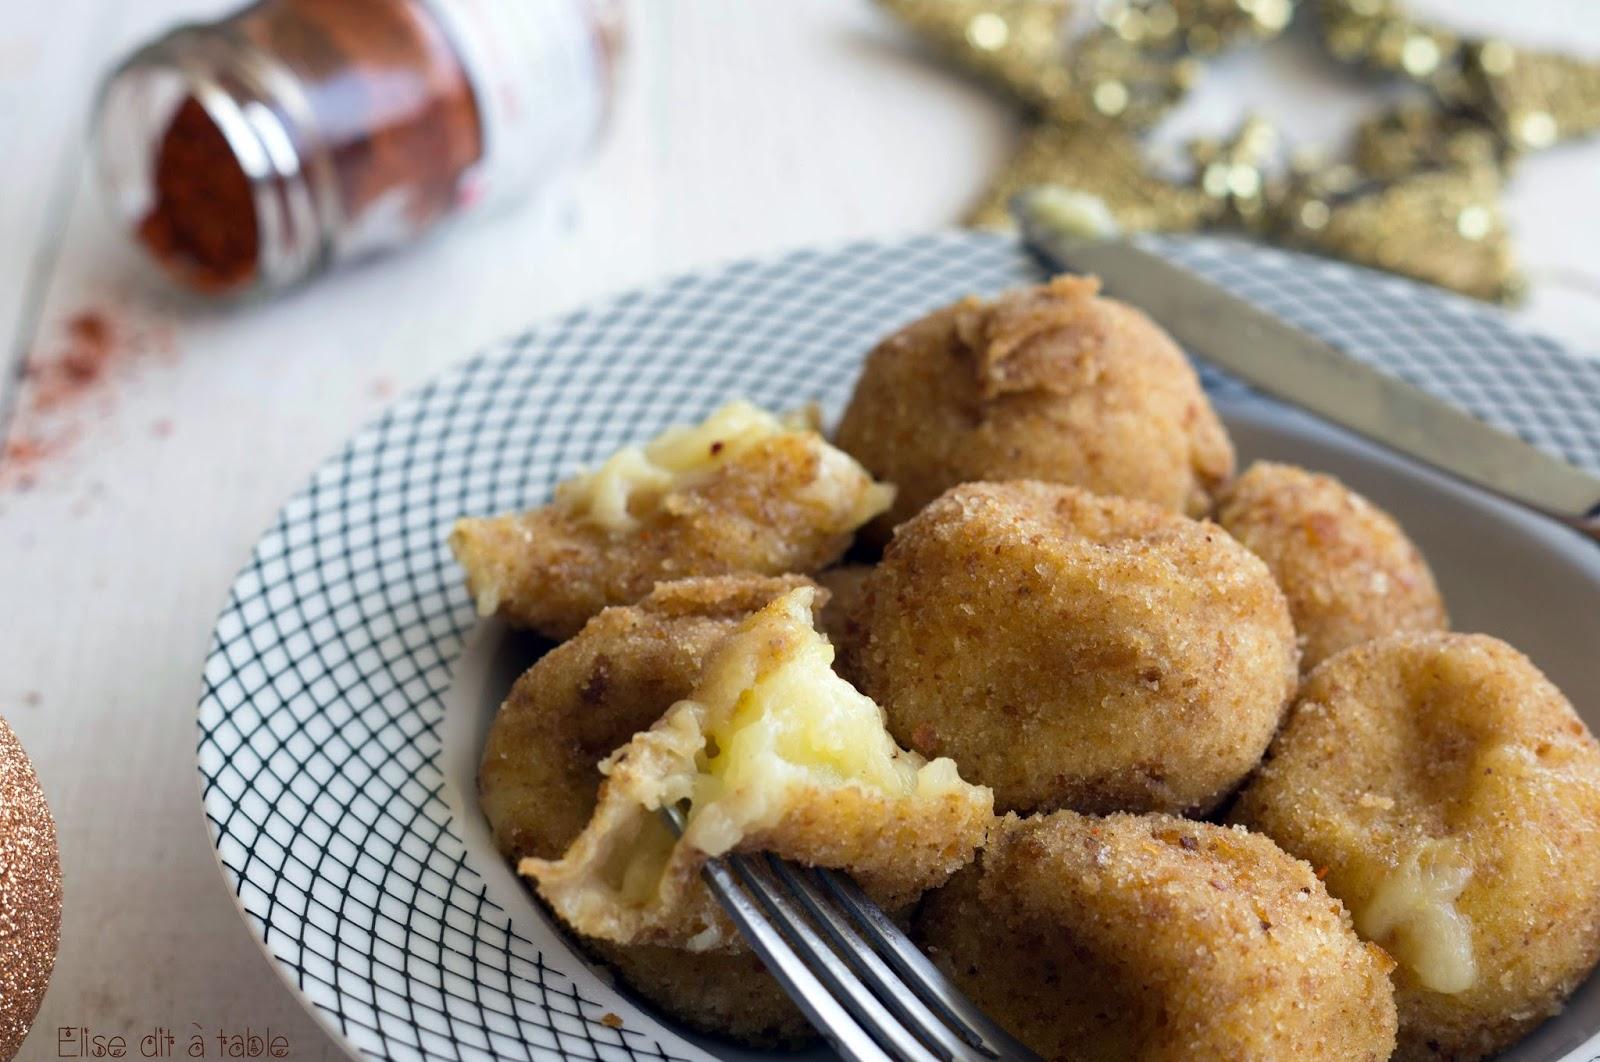 recette Pommes noisettes à l'ossau iraty